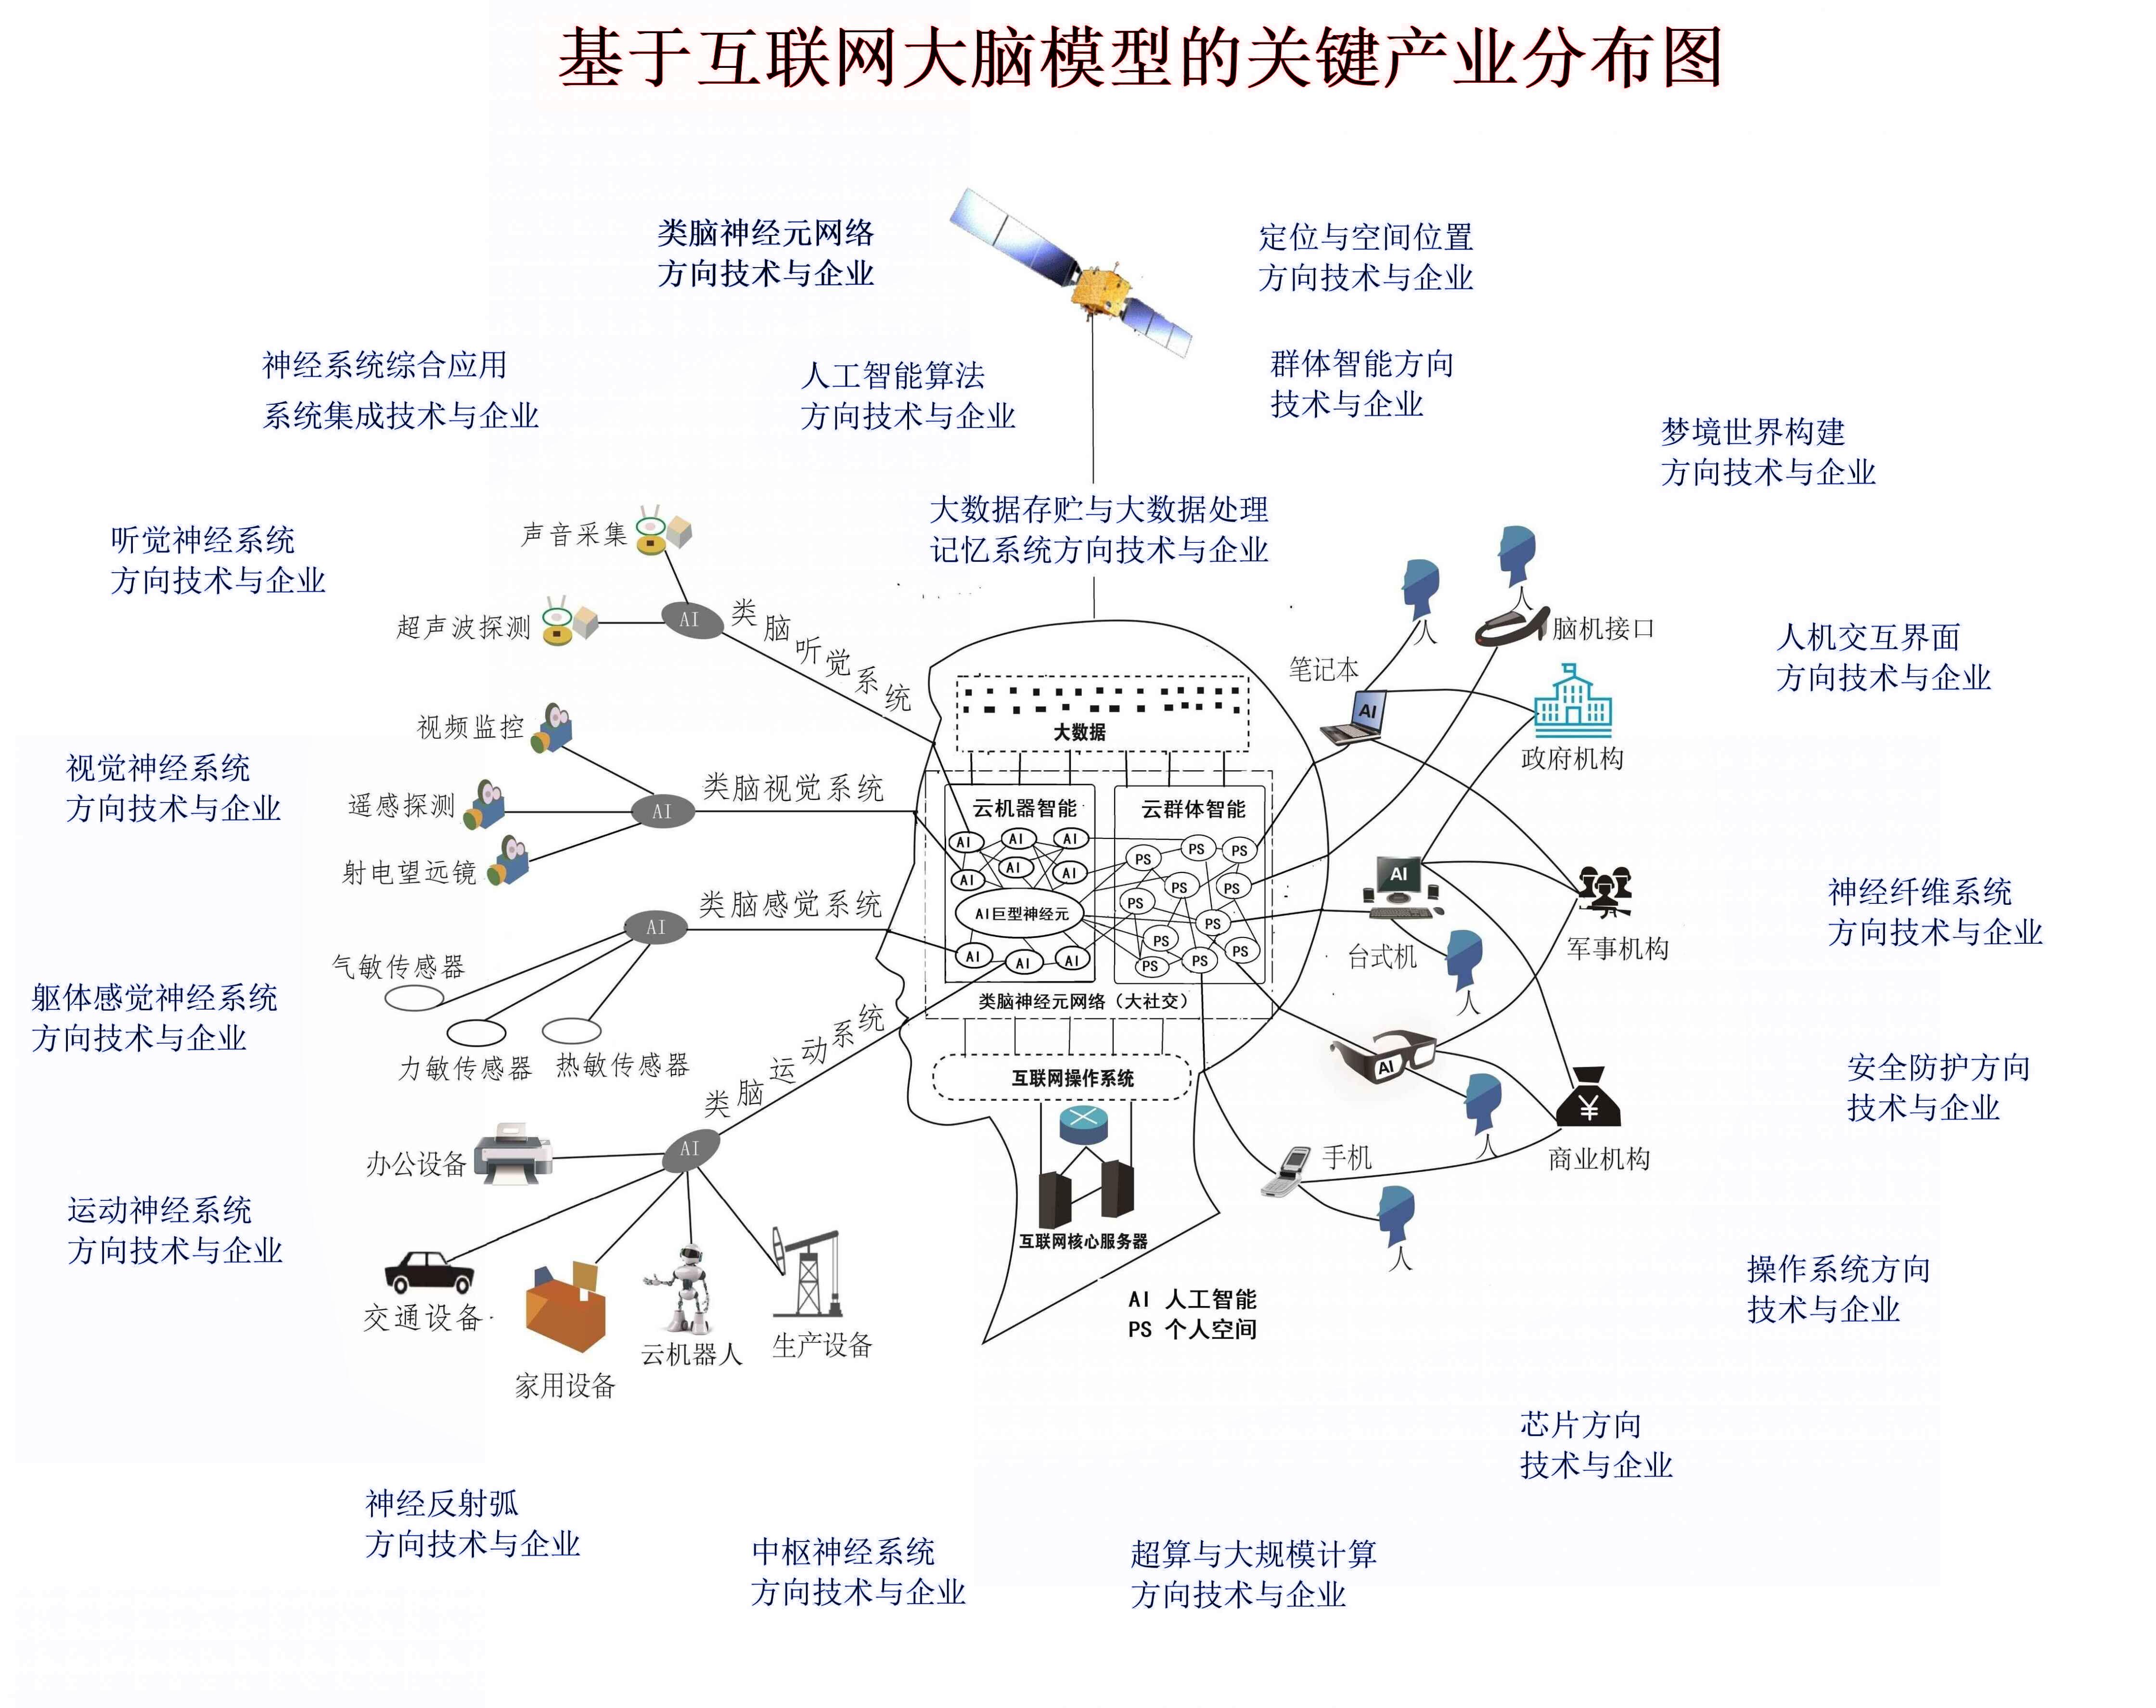 蓝-彩色产业图1.jpg